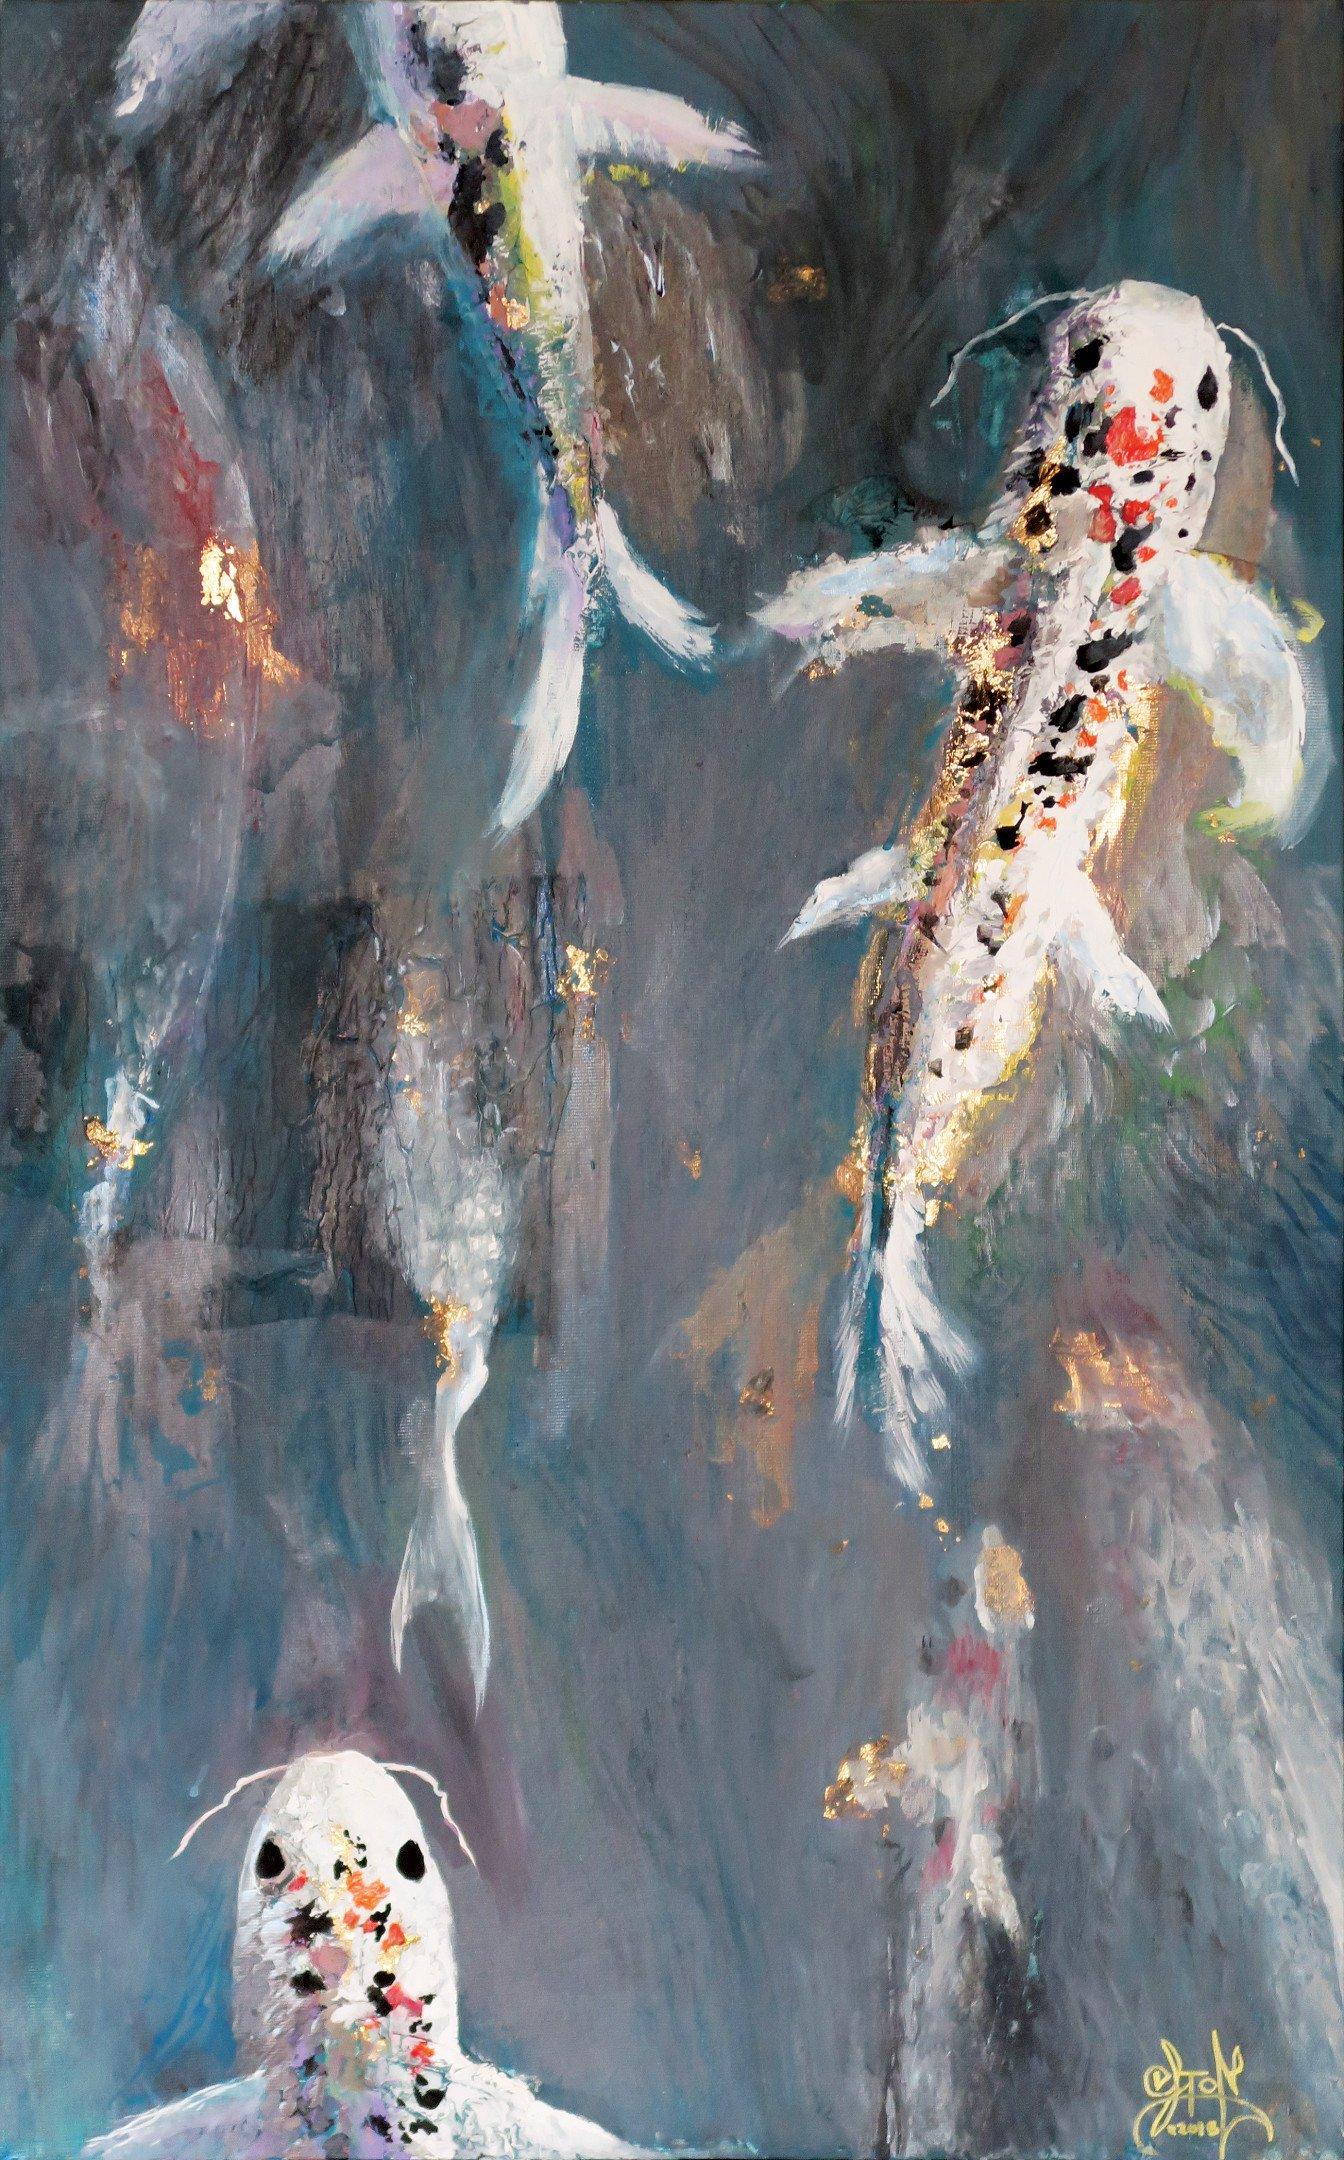 Koi Fish And Japan Wallpaper Art Pack 2